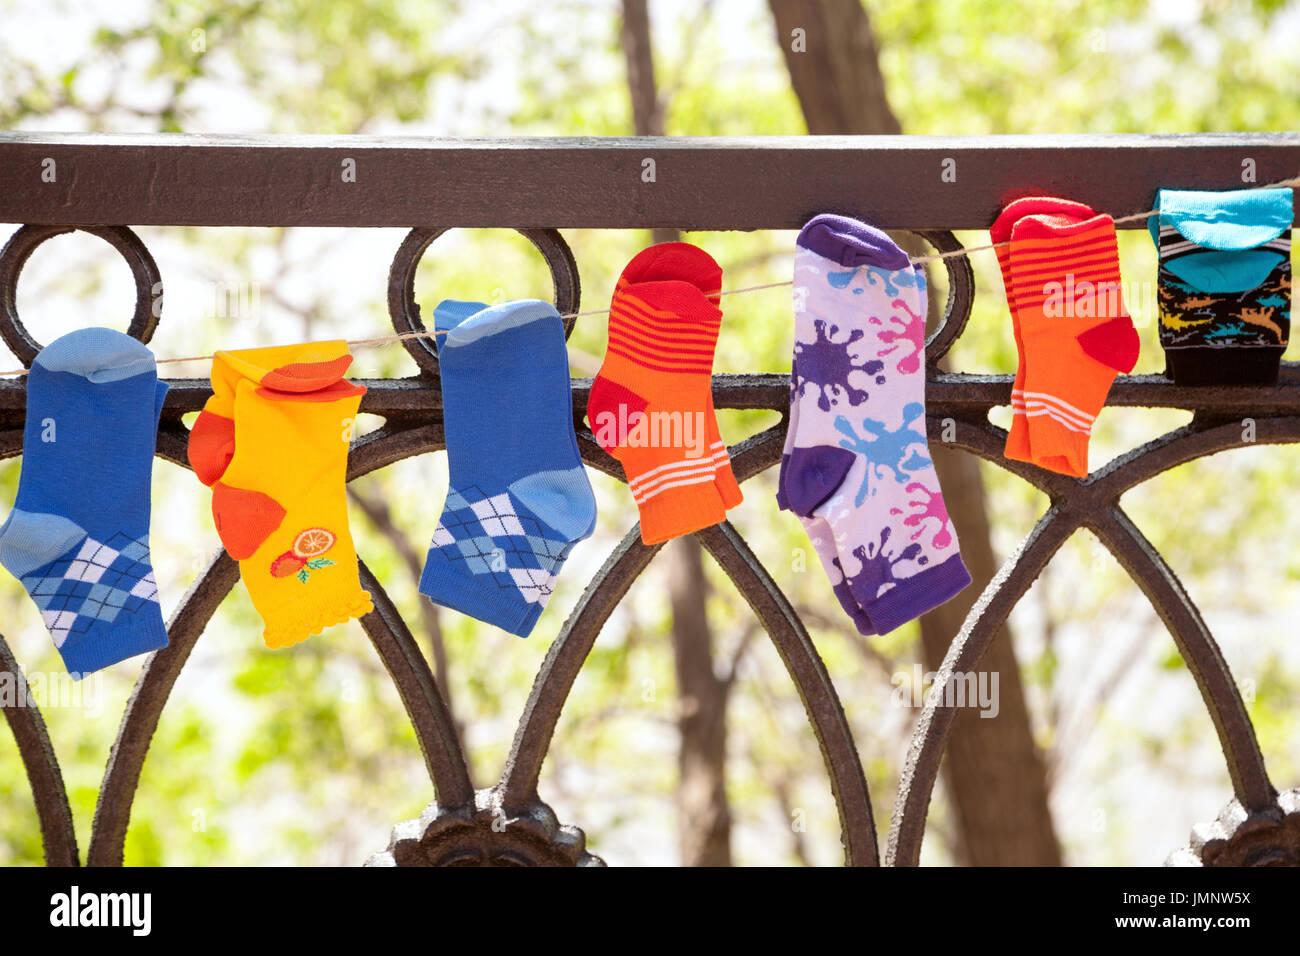 Divers chaussettes pour enfants colorés accrochés sur une ligne de lavage extérieur. De nombreuses petites chaussettes Banque D'Images